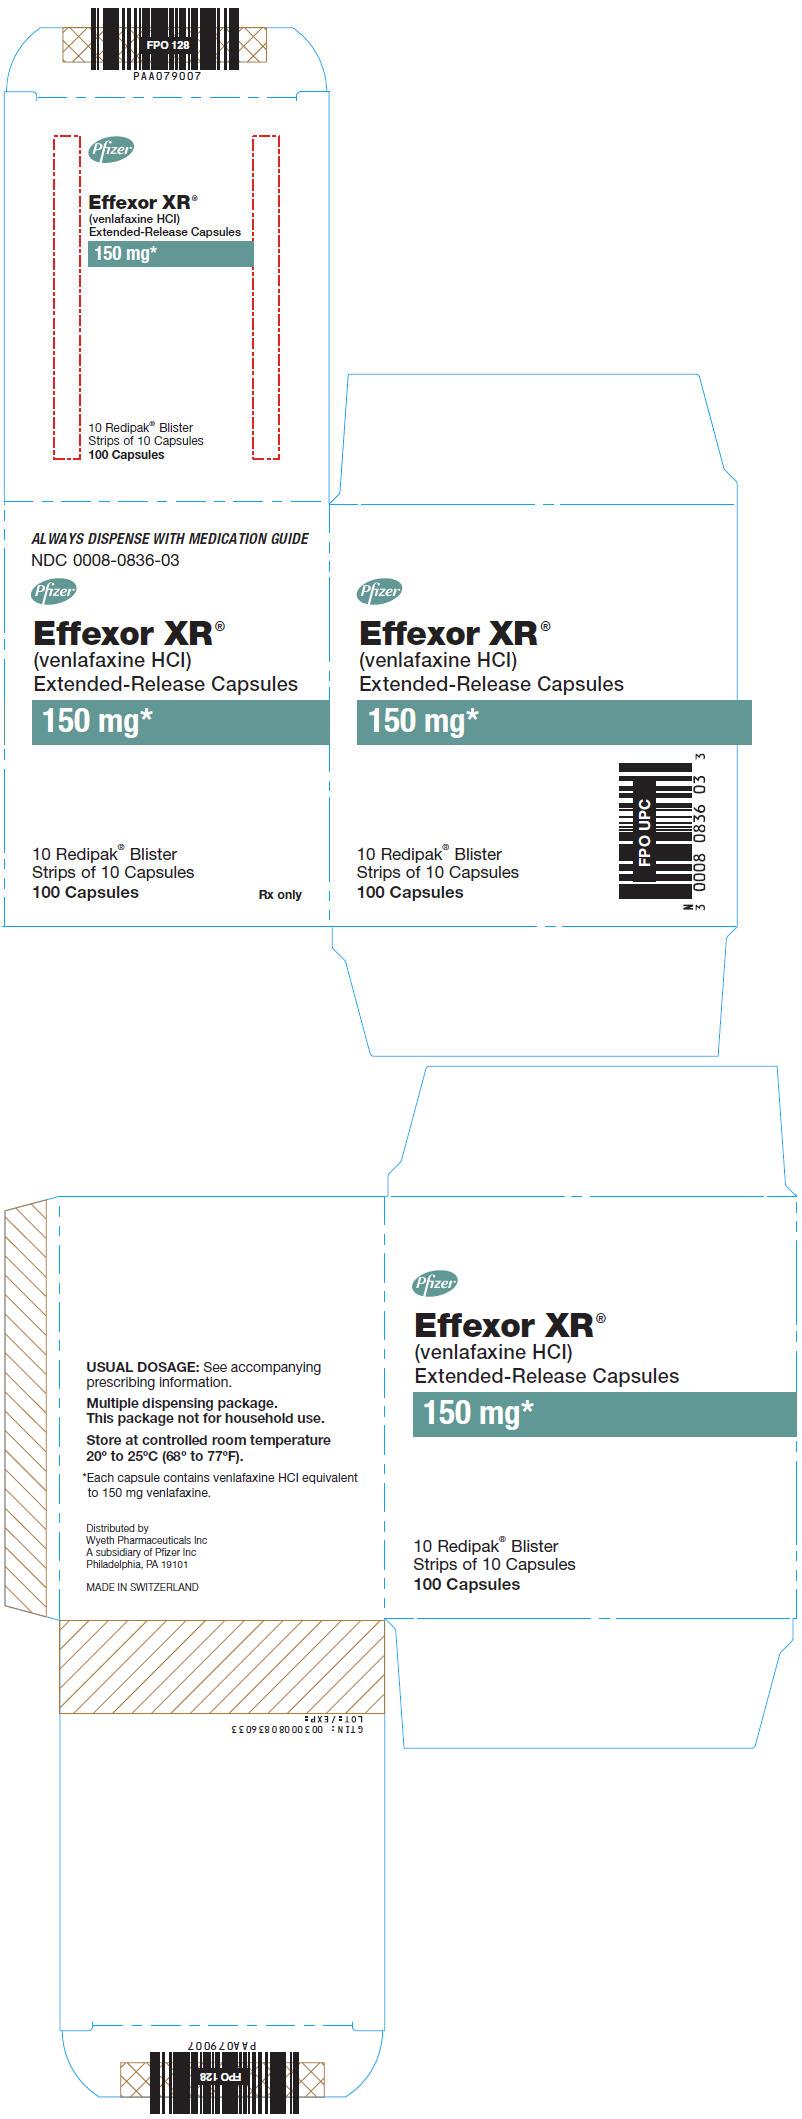 Principal Display Panel - 150 mg Capsule Blister Pack Carton